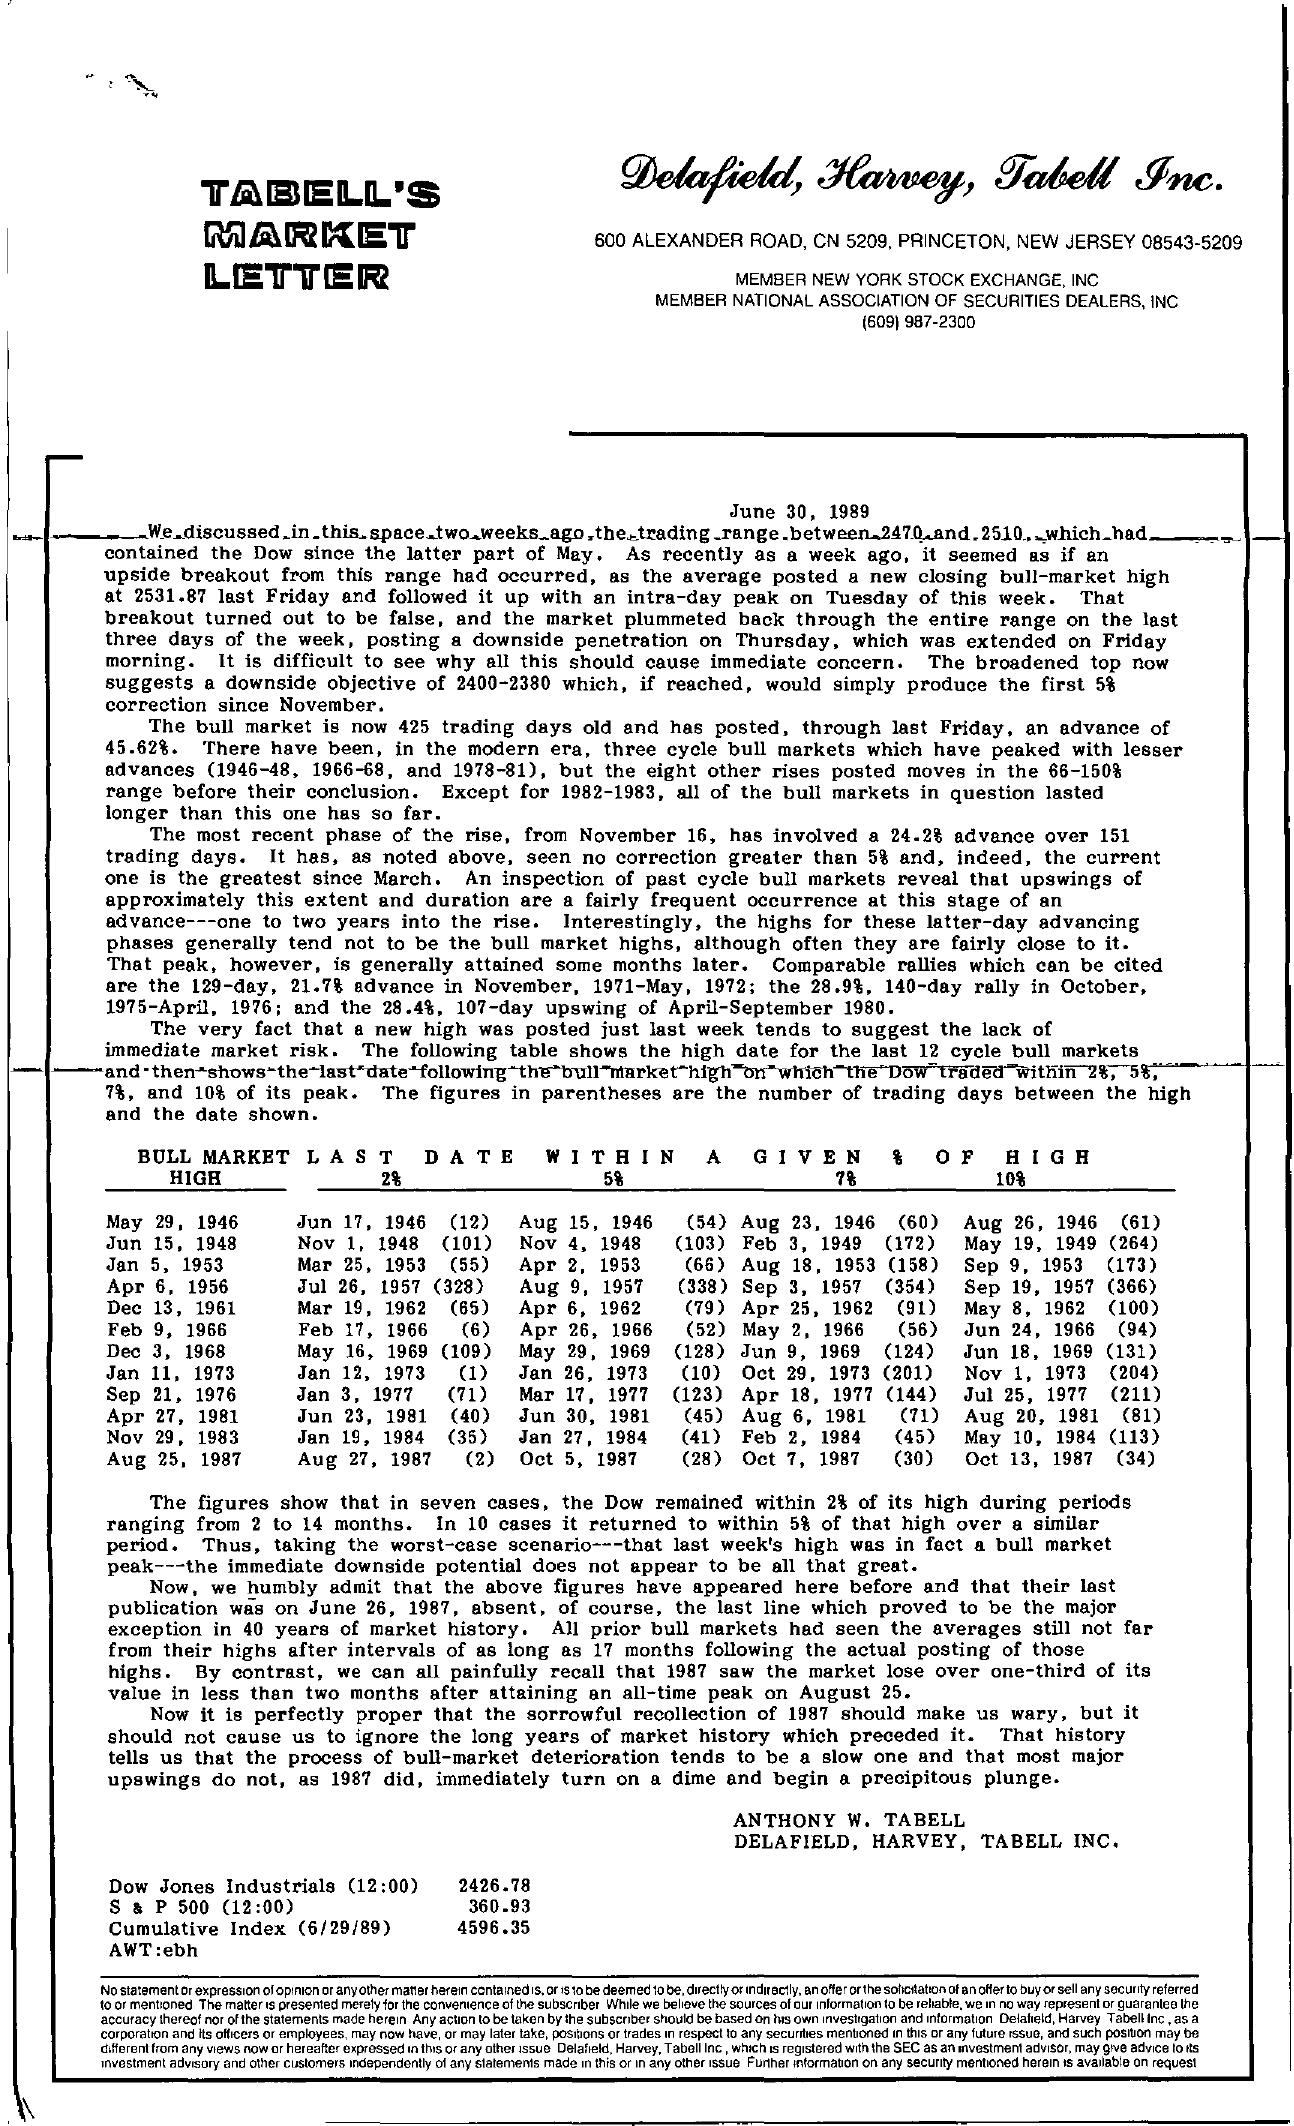 Tabell's Market Letter - June 30, 1989